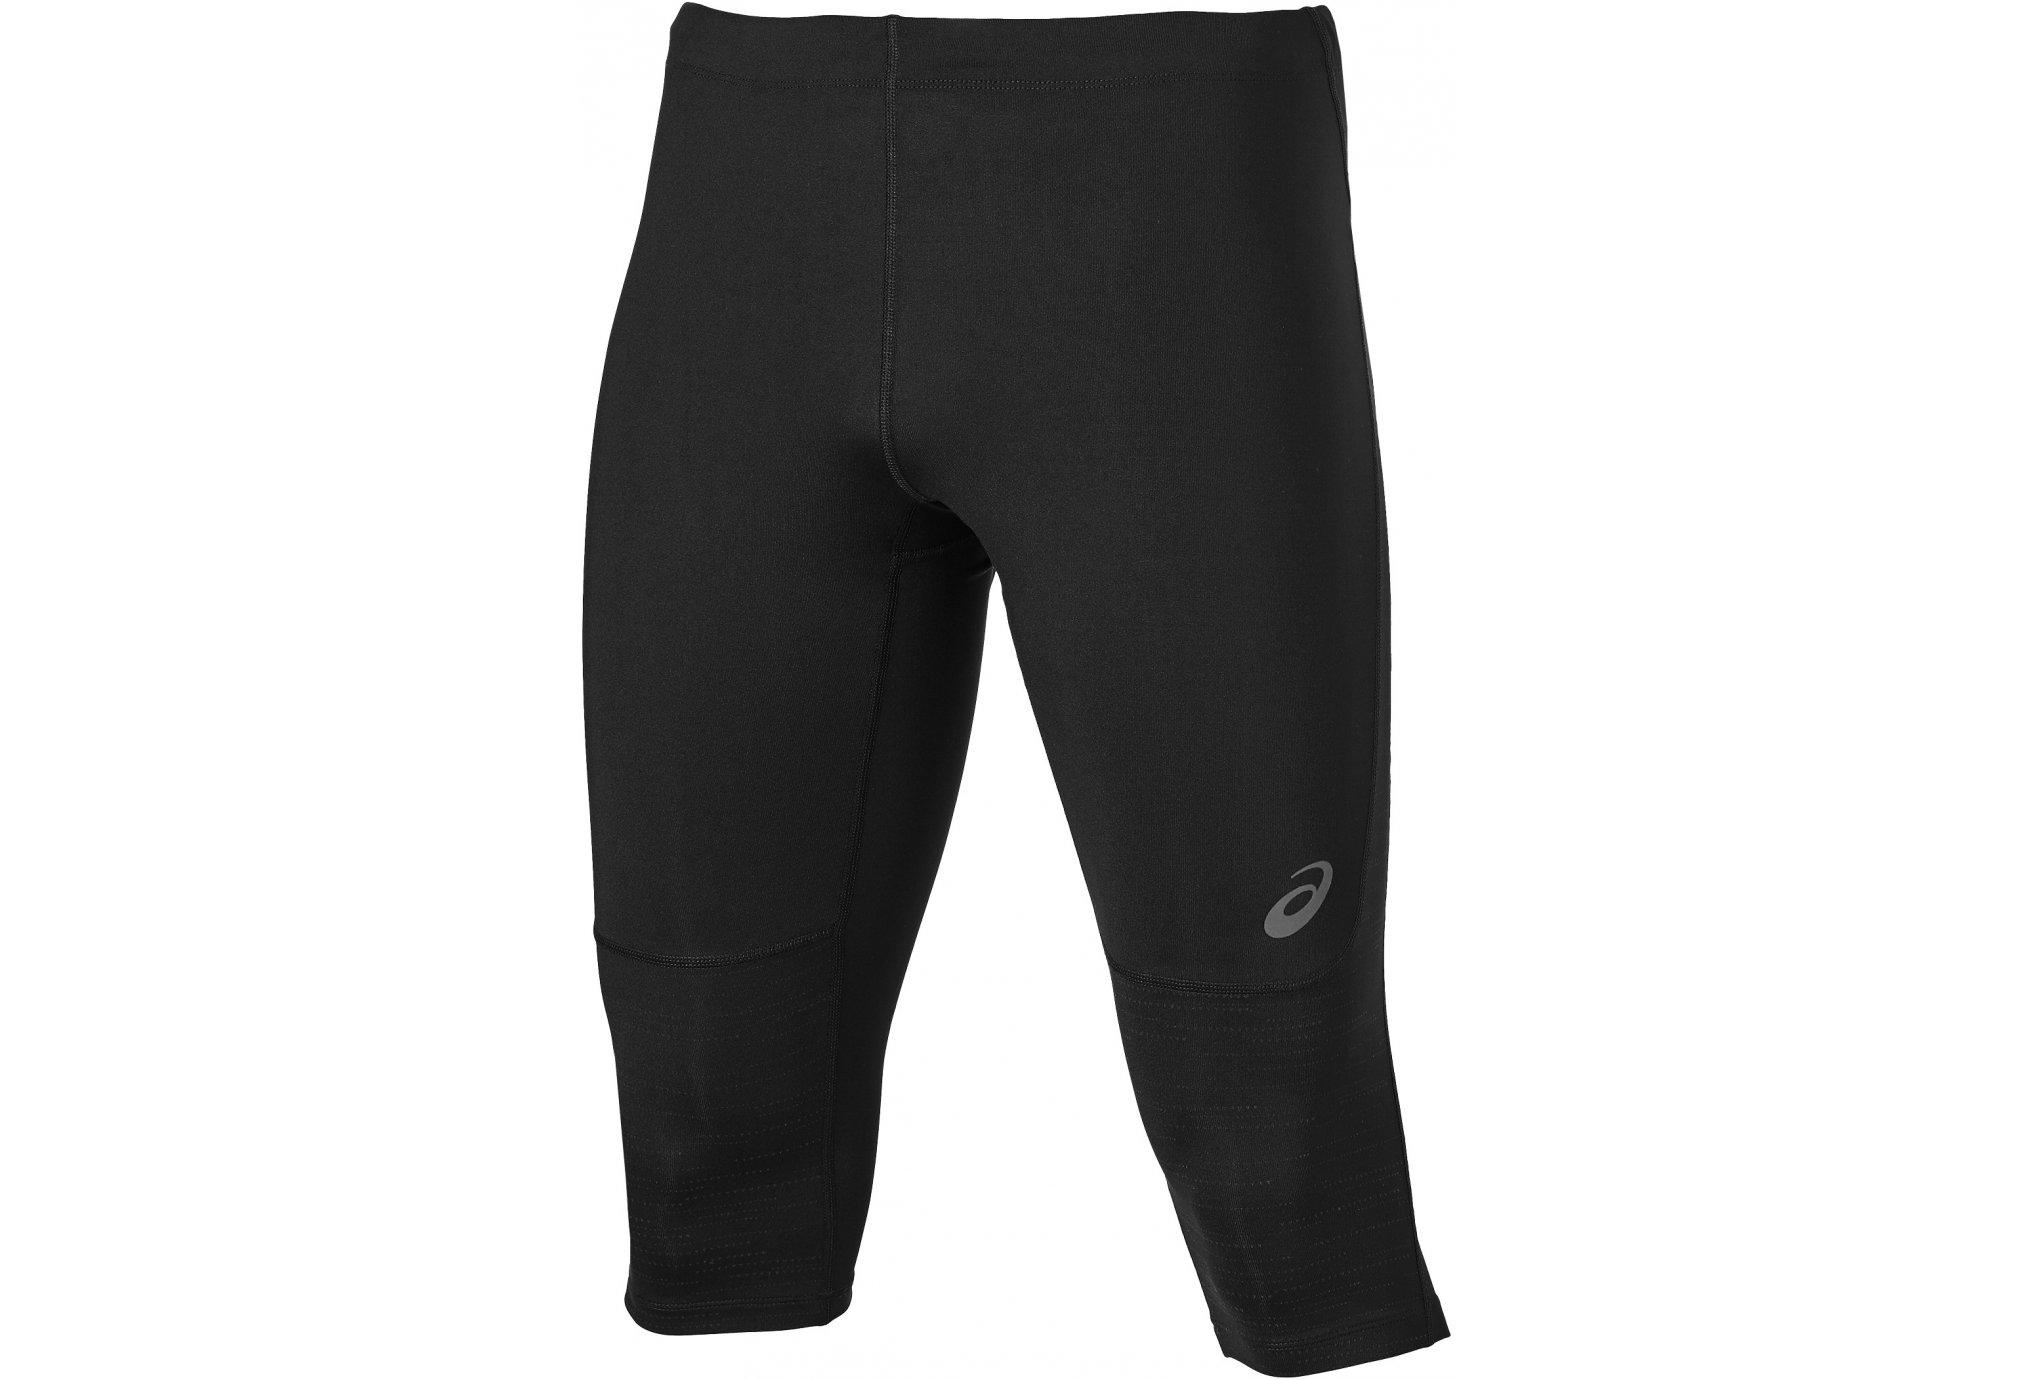 Asics Collant 3/4 lite-Show knee m diététique vêtements homme